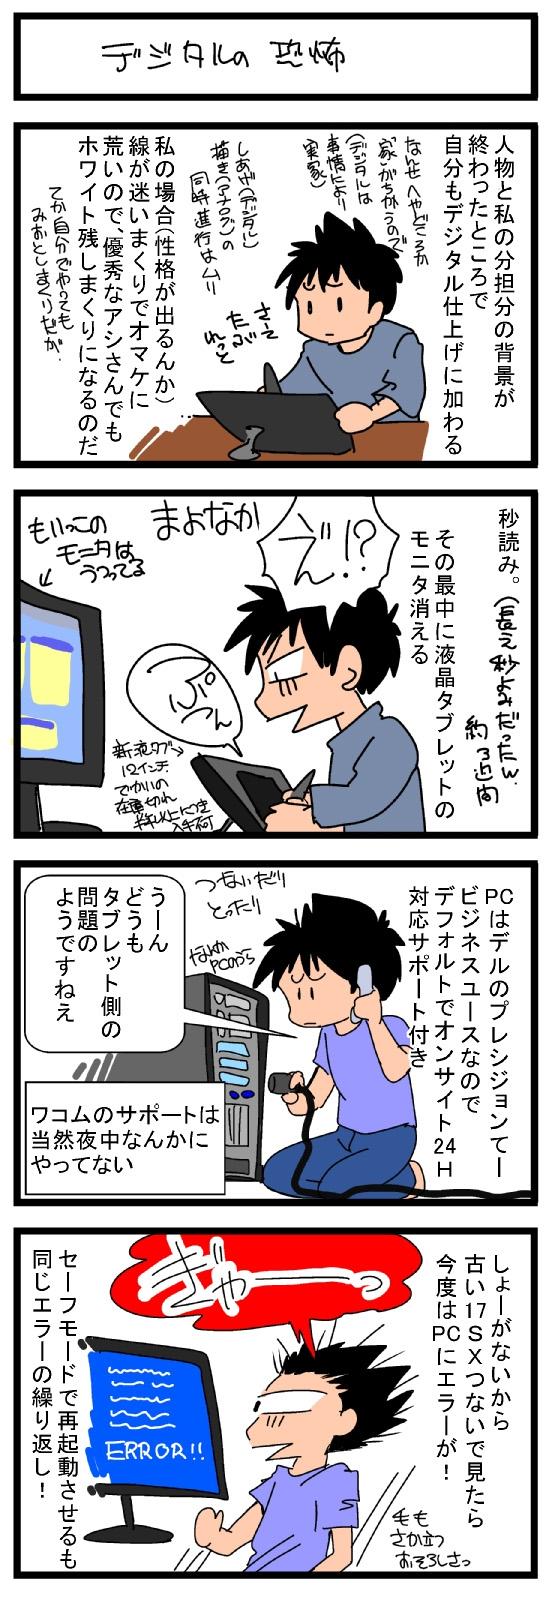 デジタルの恐怖